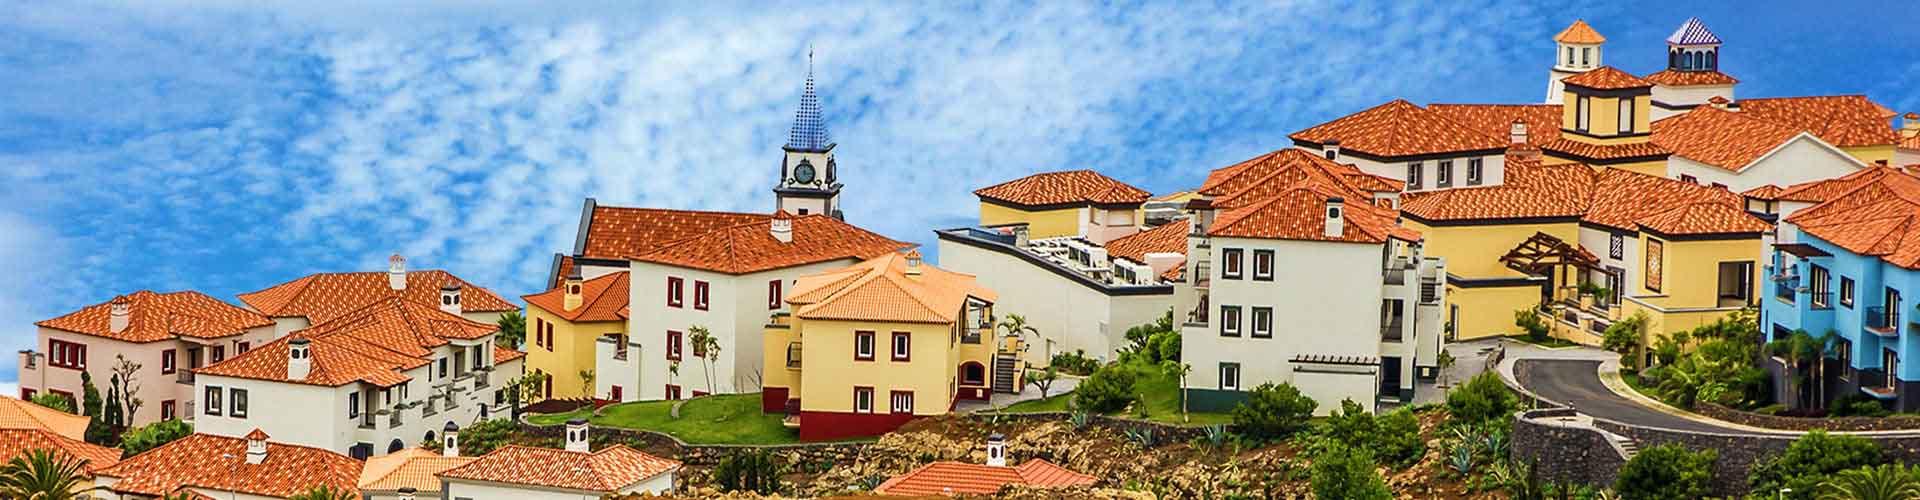 Madeira Island - Auberges de jeunesse à Madeira Island. Cartes pour Madeira Island, photos et commentaires pour chaque auberge de jeunesse à Madeira Island.